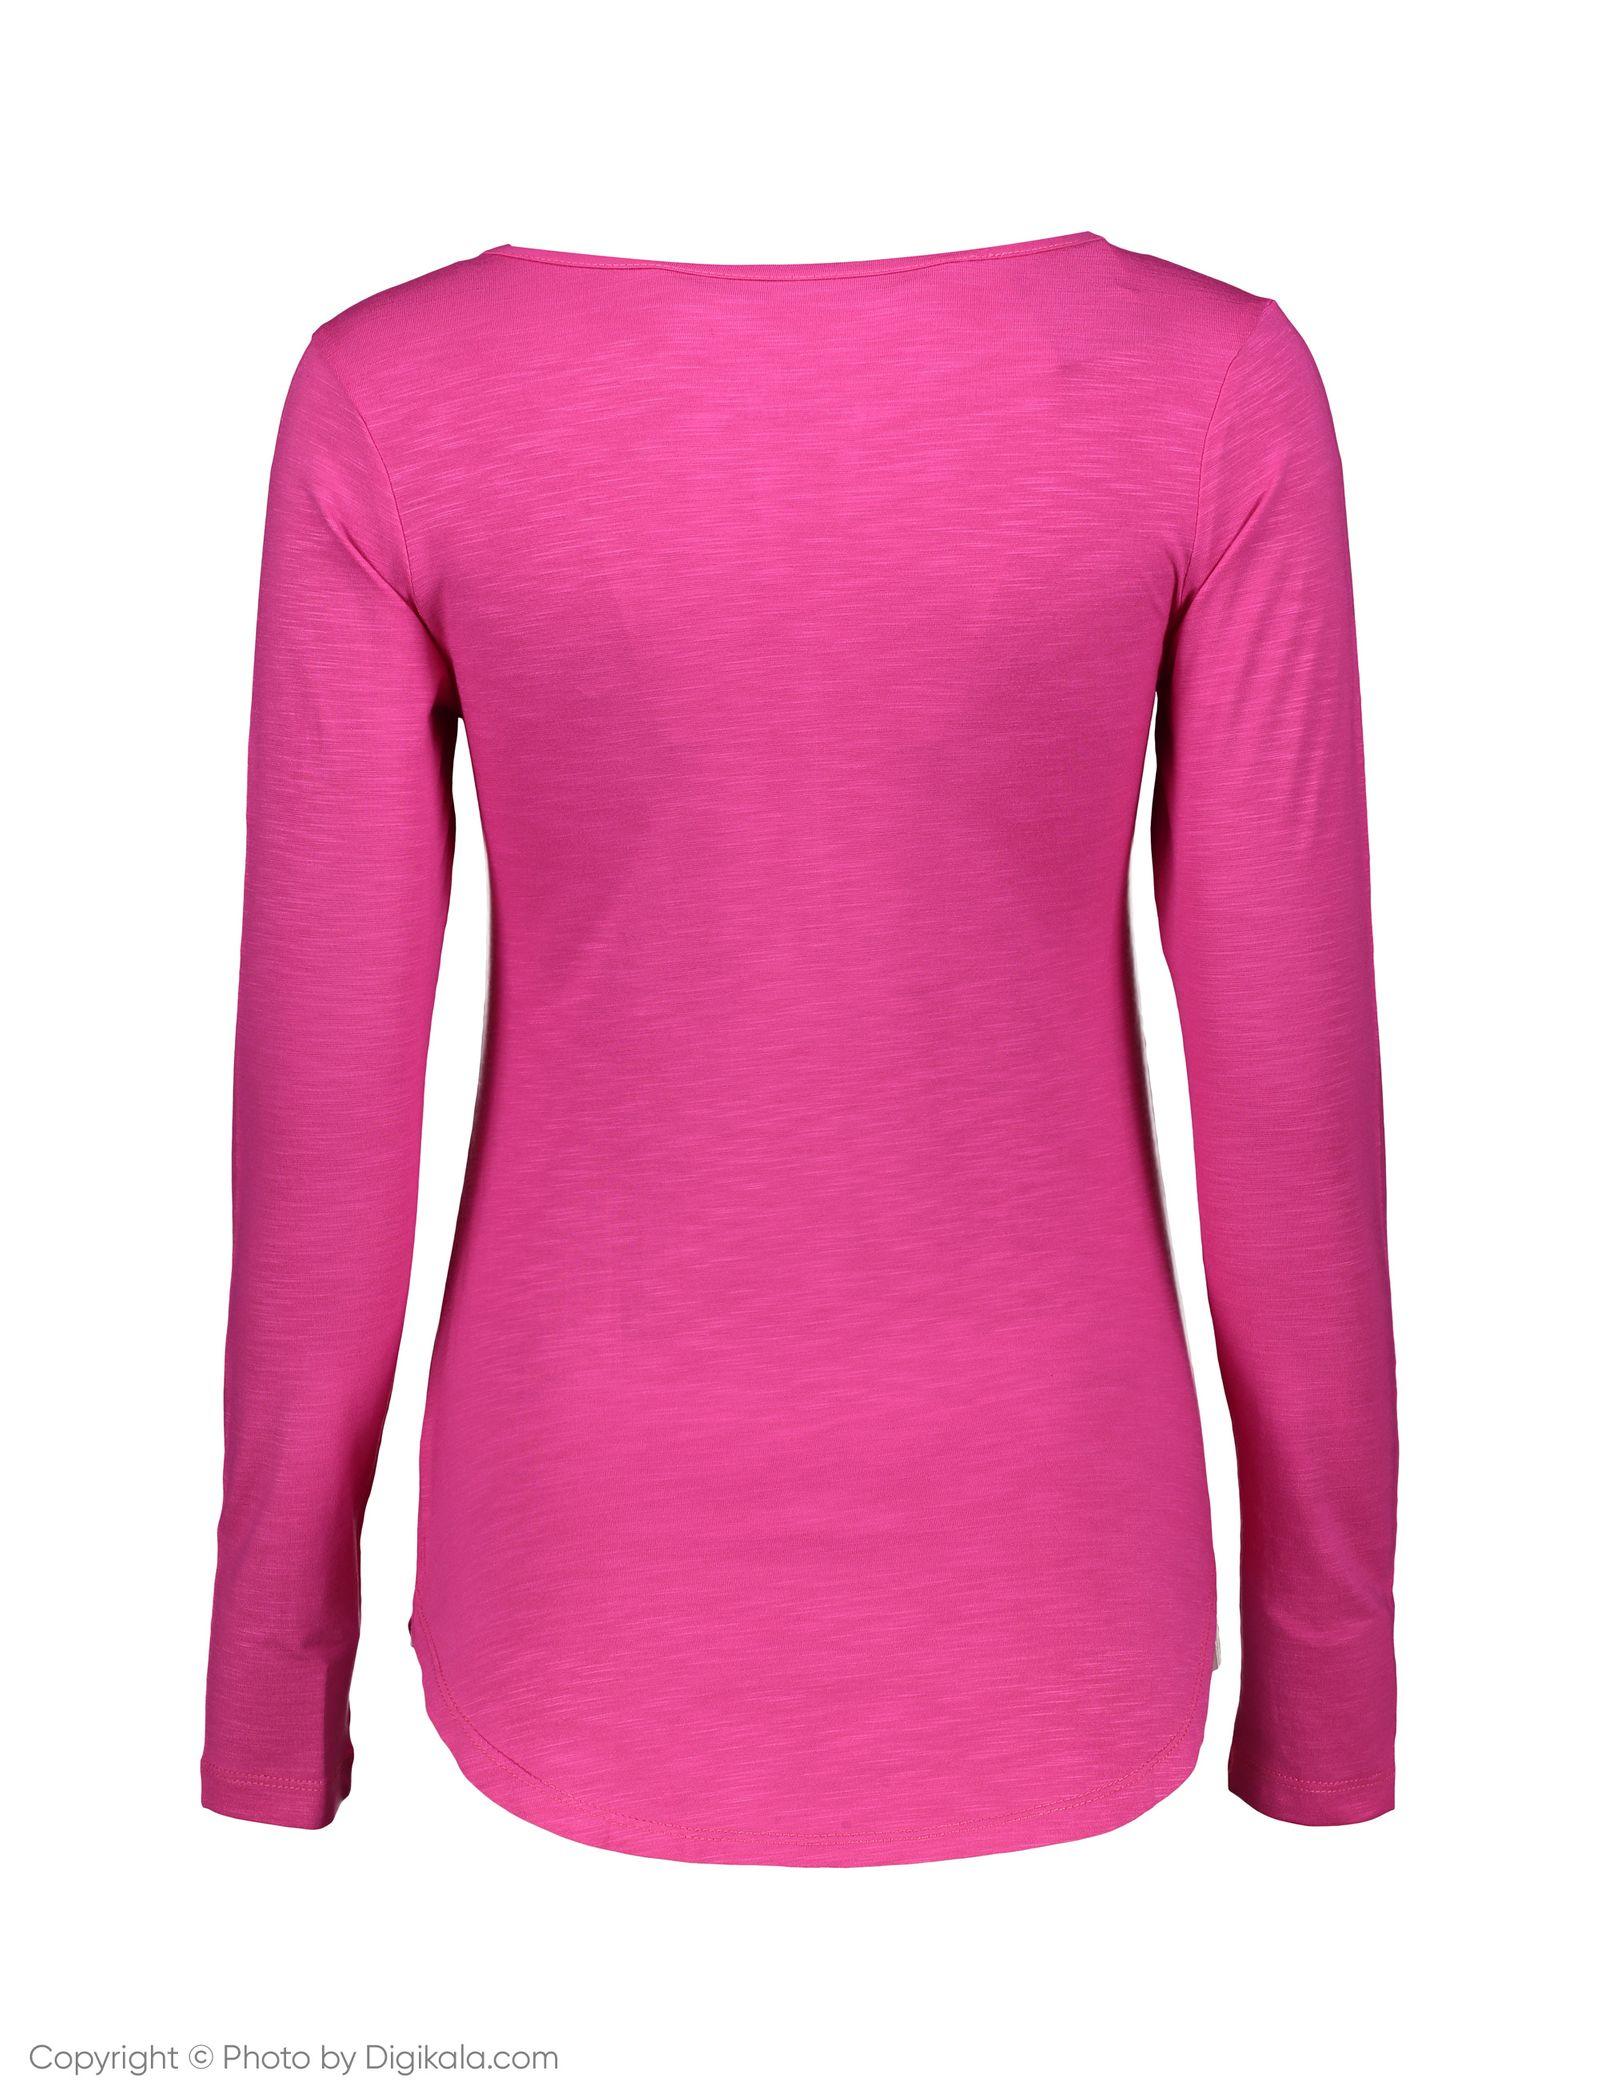 تی شرت زنانه گارودی مدل 1003107020-75 -  - 3